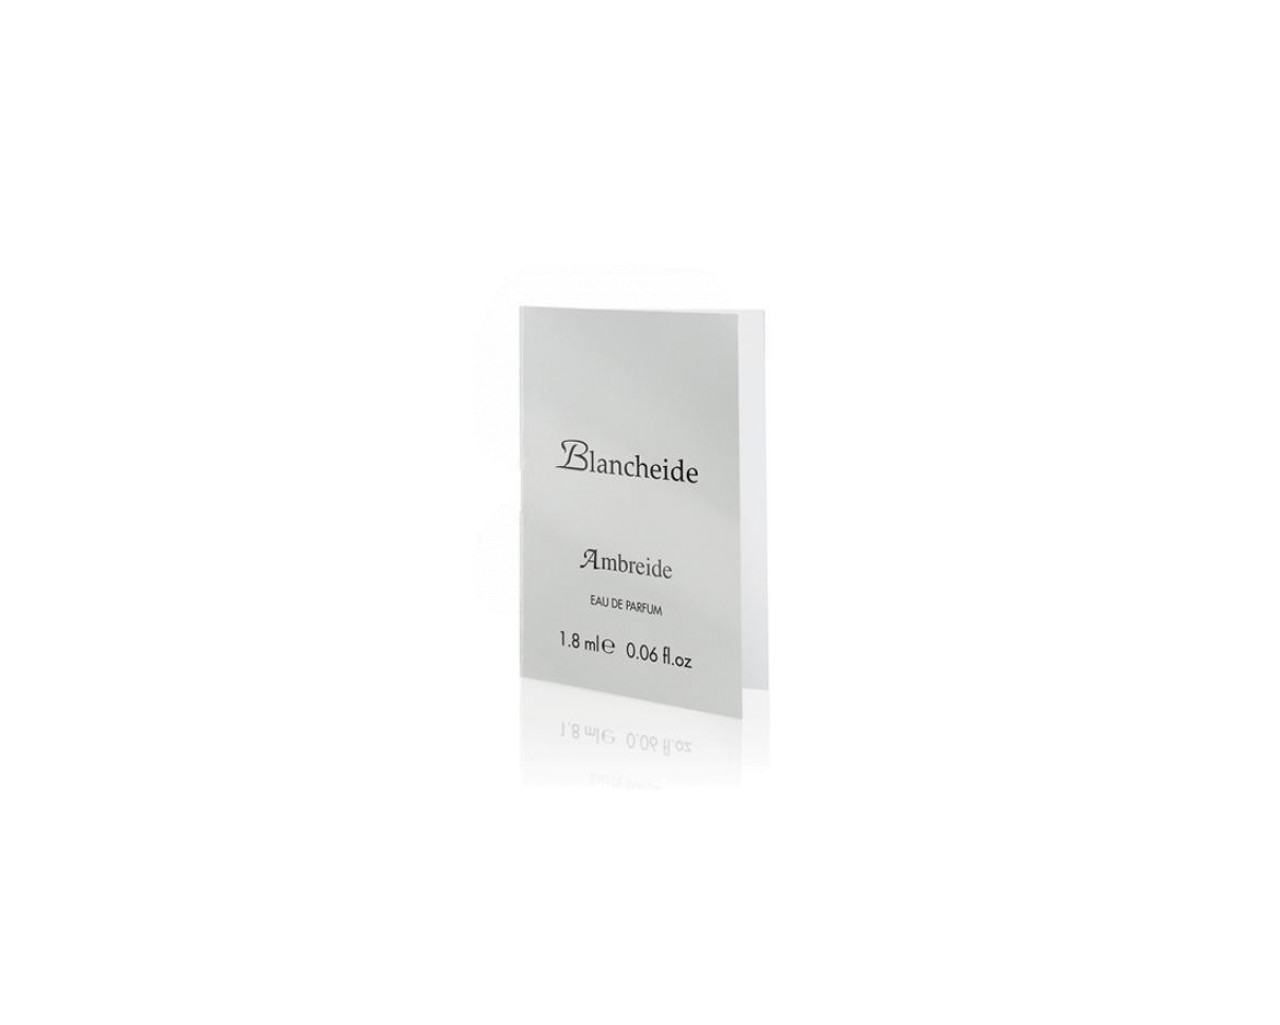 Campioncino Ambreide Blancheide EDP 1,8 ml Blancheide BLAS001AM-02